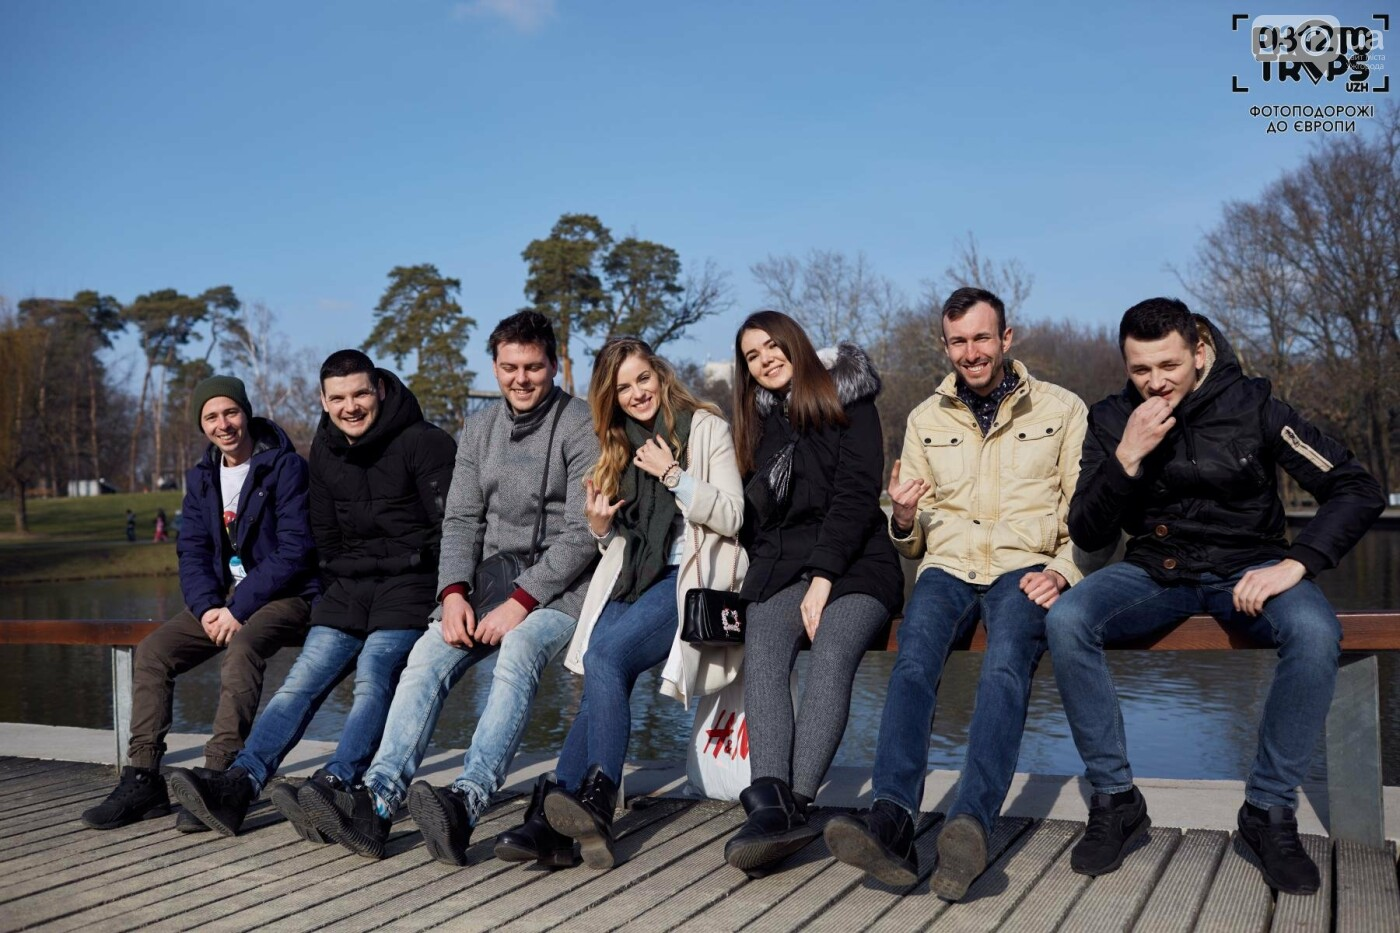 """""""Ми просто зібрались і поїхали"""" або як реалізовують ідею фотомандрівок в Ужгороді (ФОТО, ВІДЕО), фото-7"""